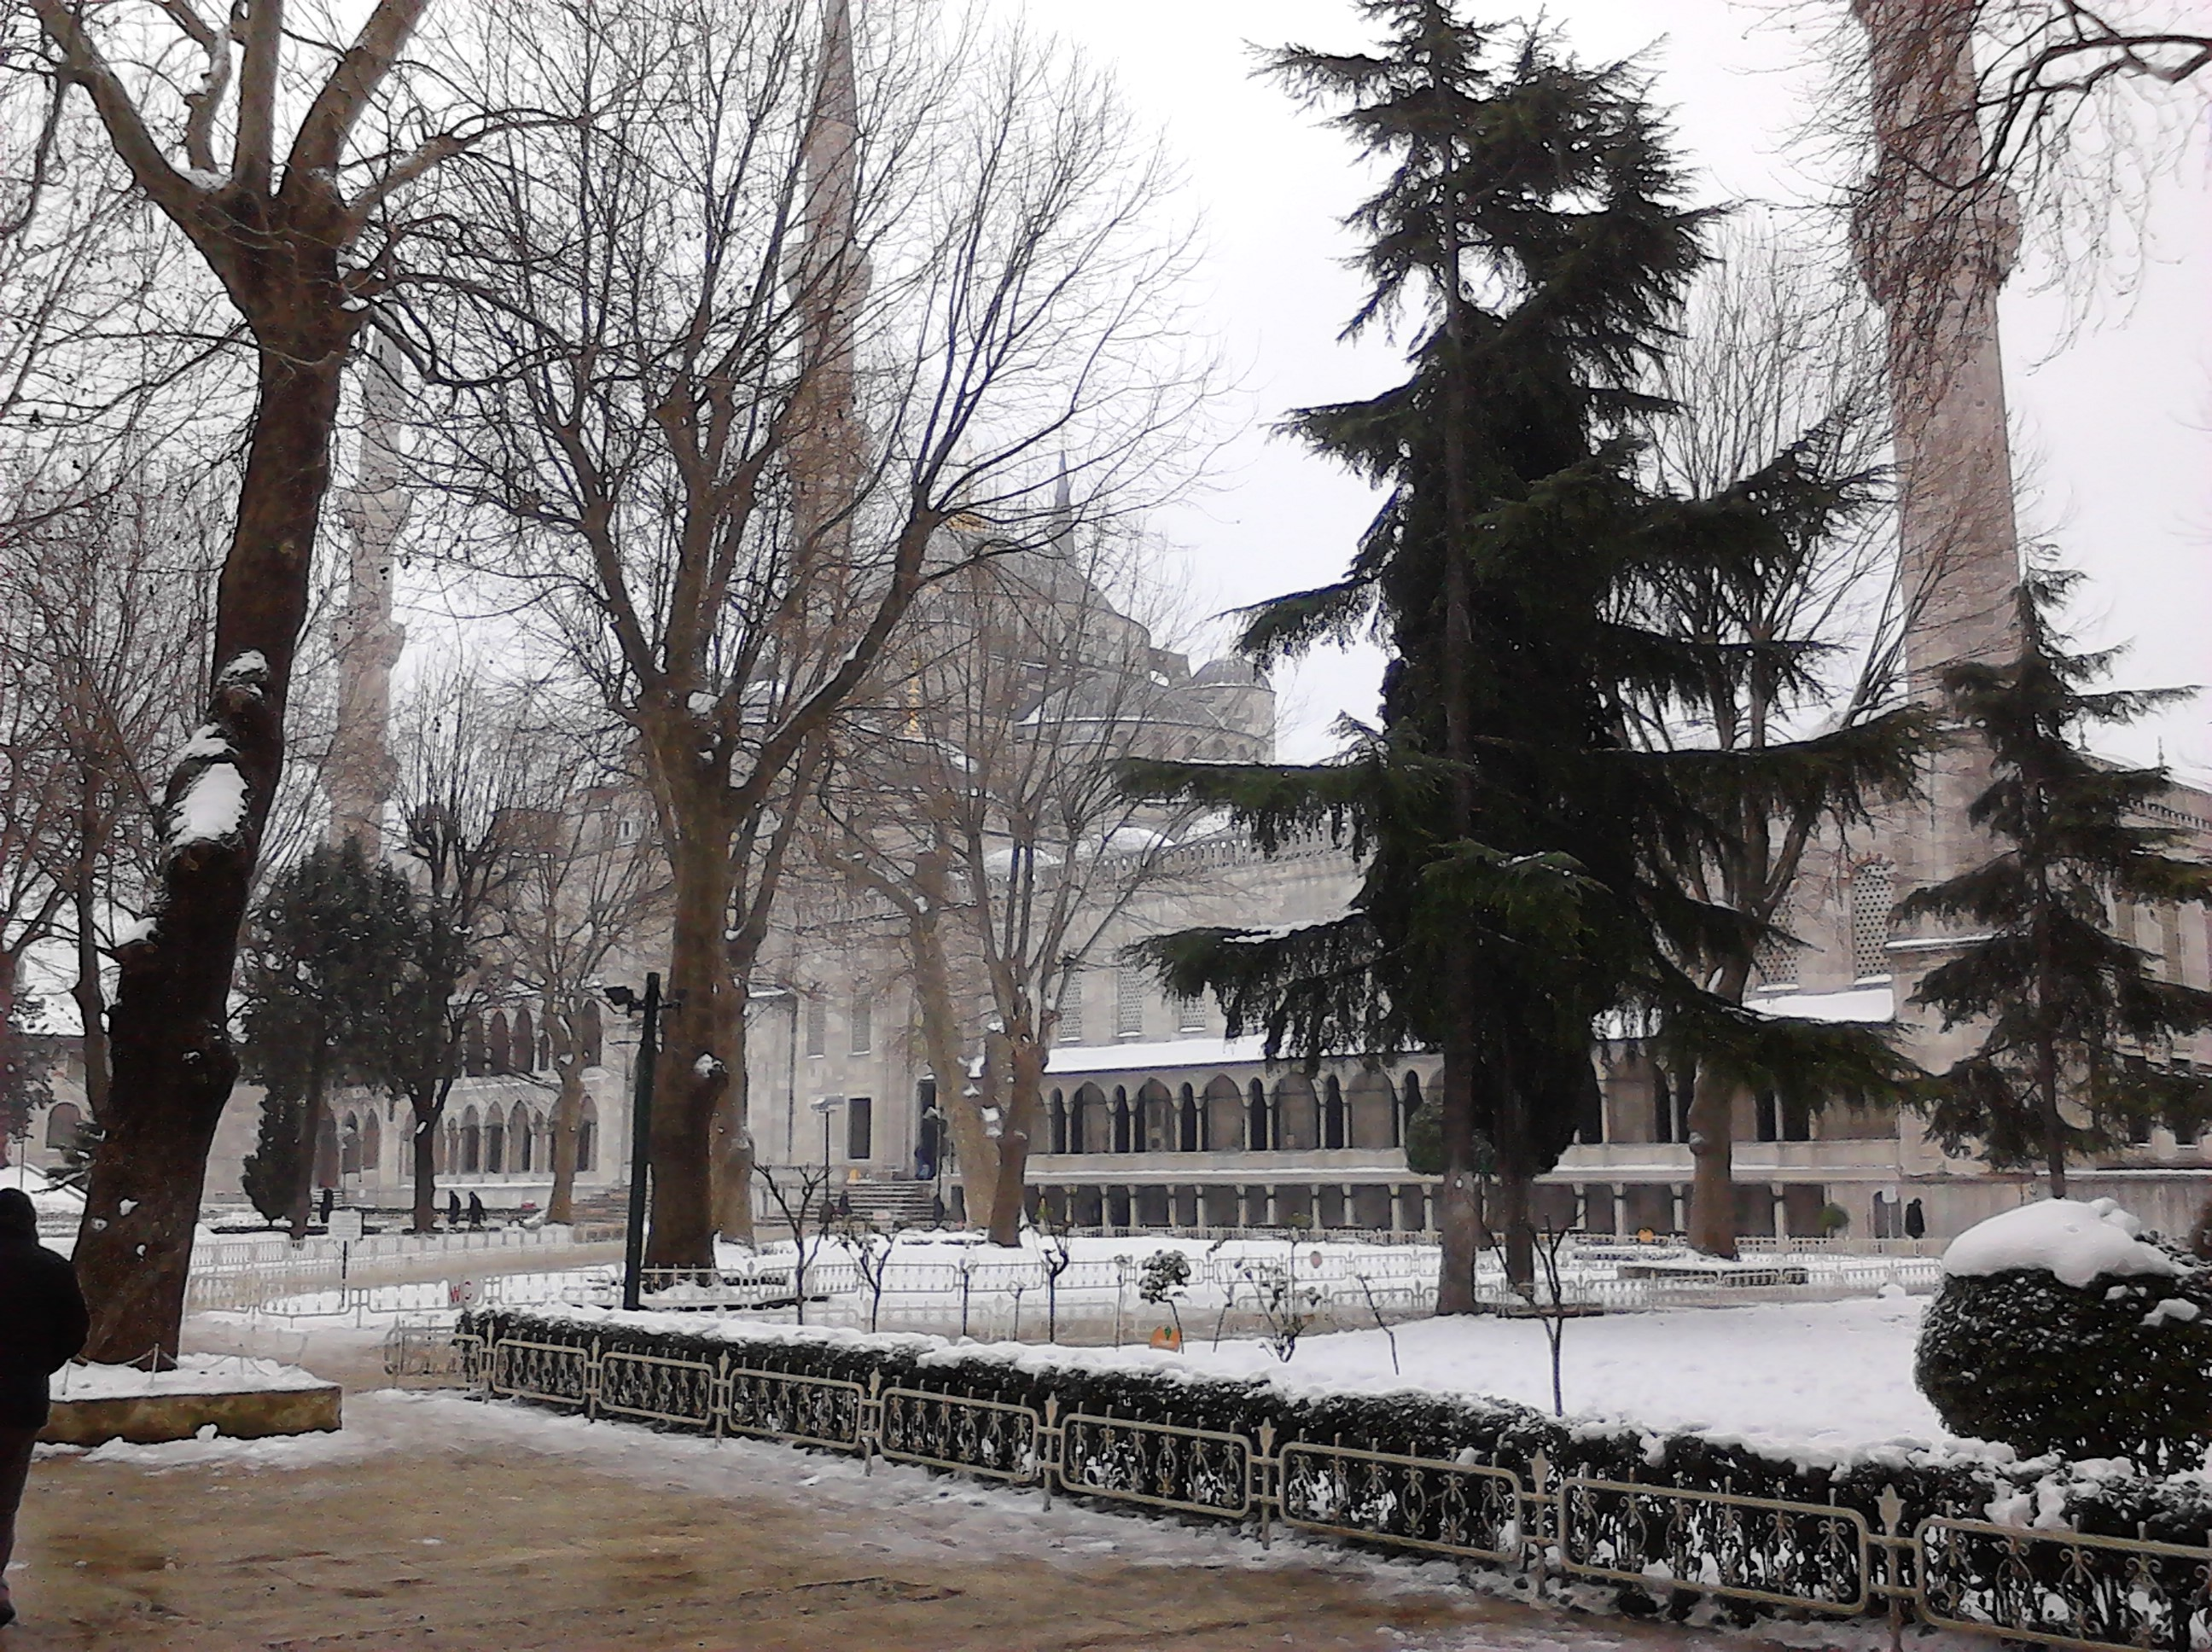 otm9tp4c - İstanbul'dan Kış Manzarası